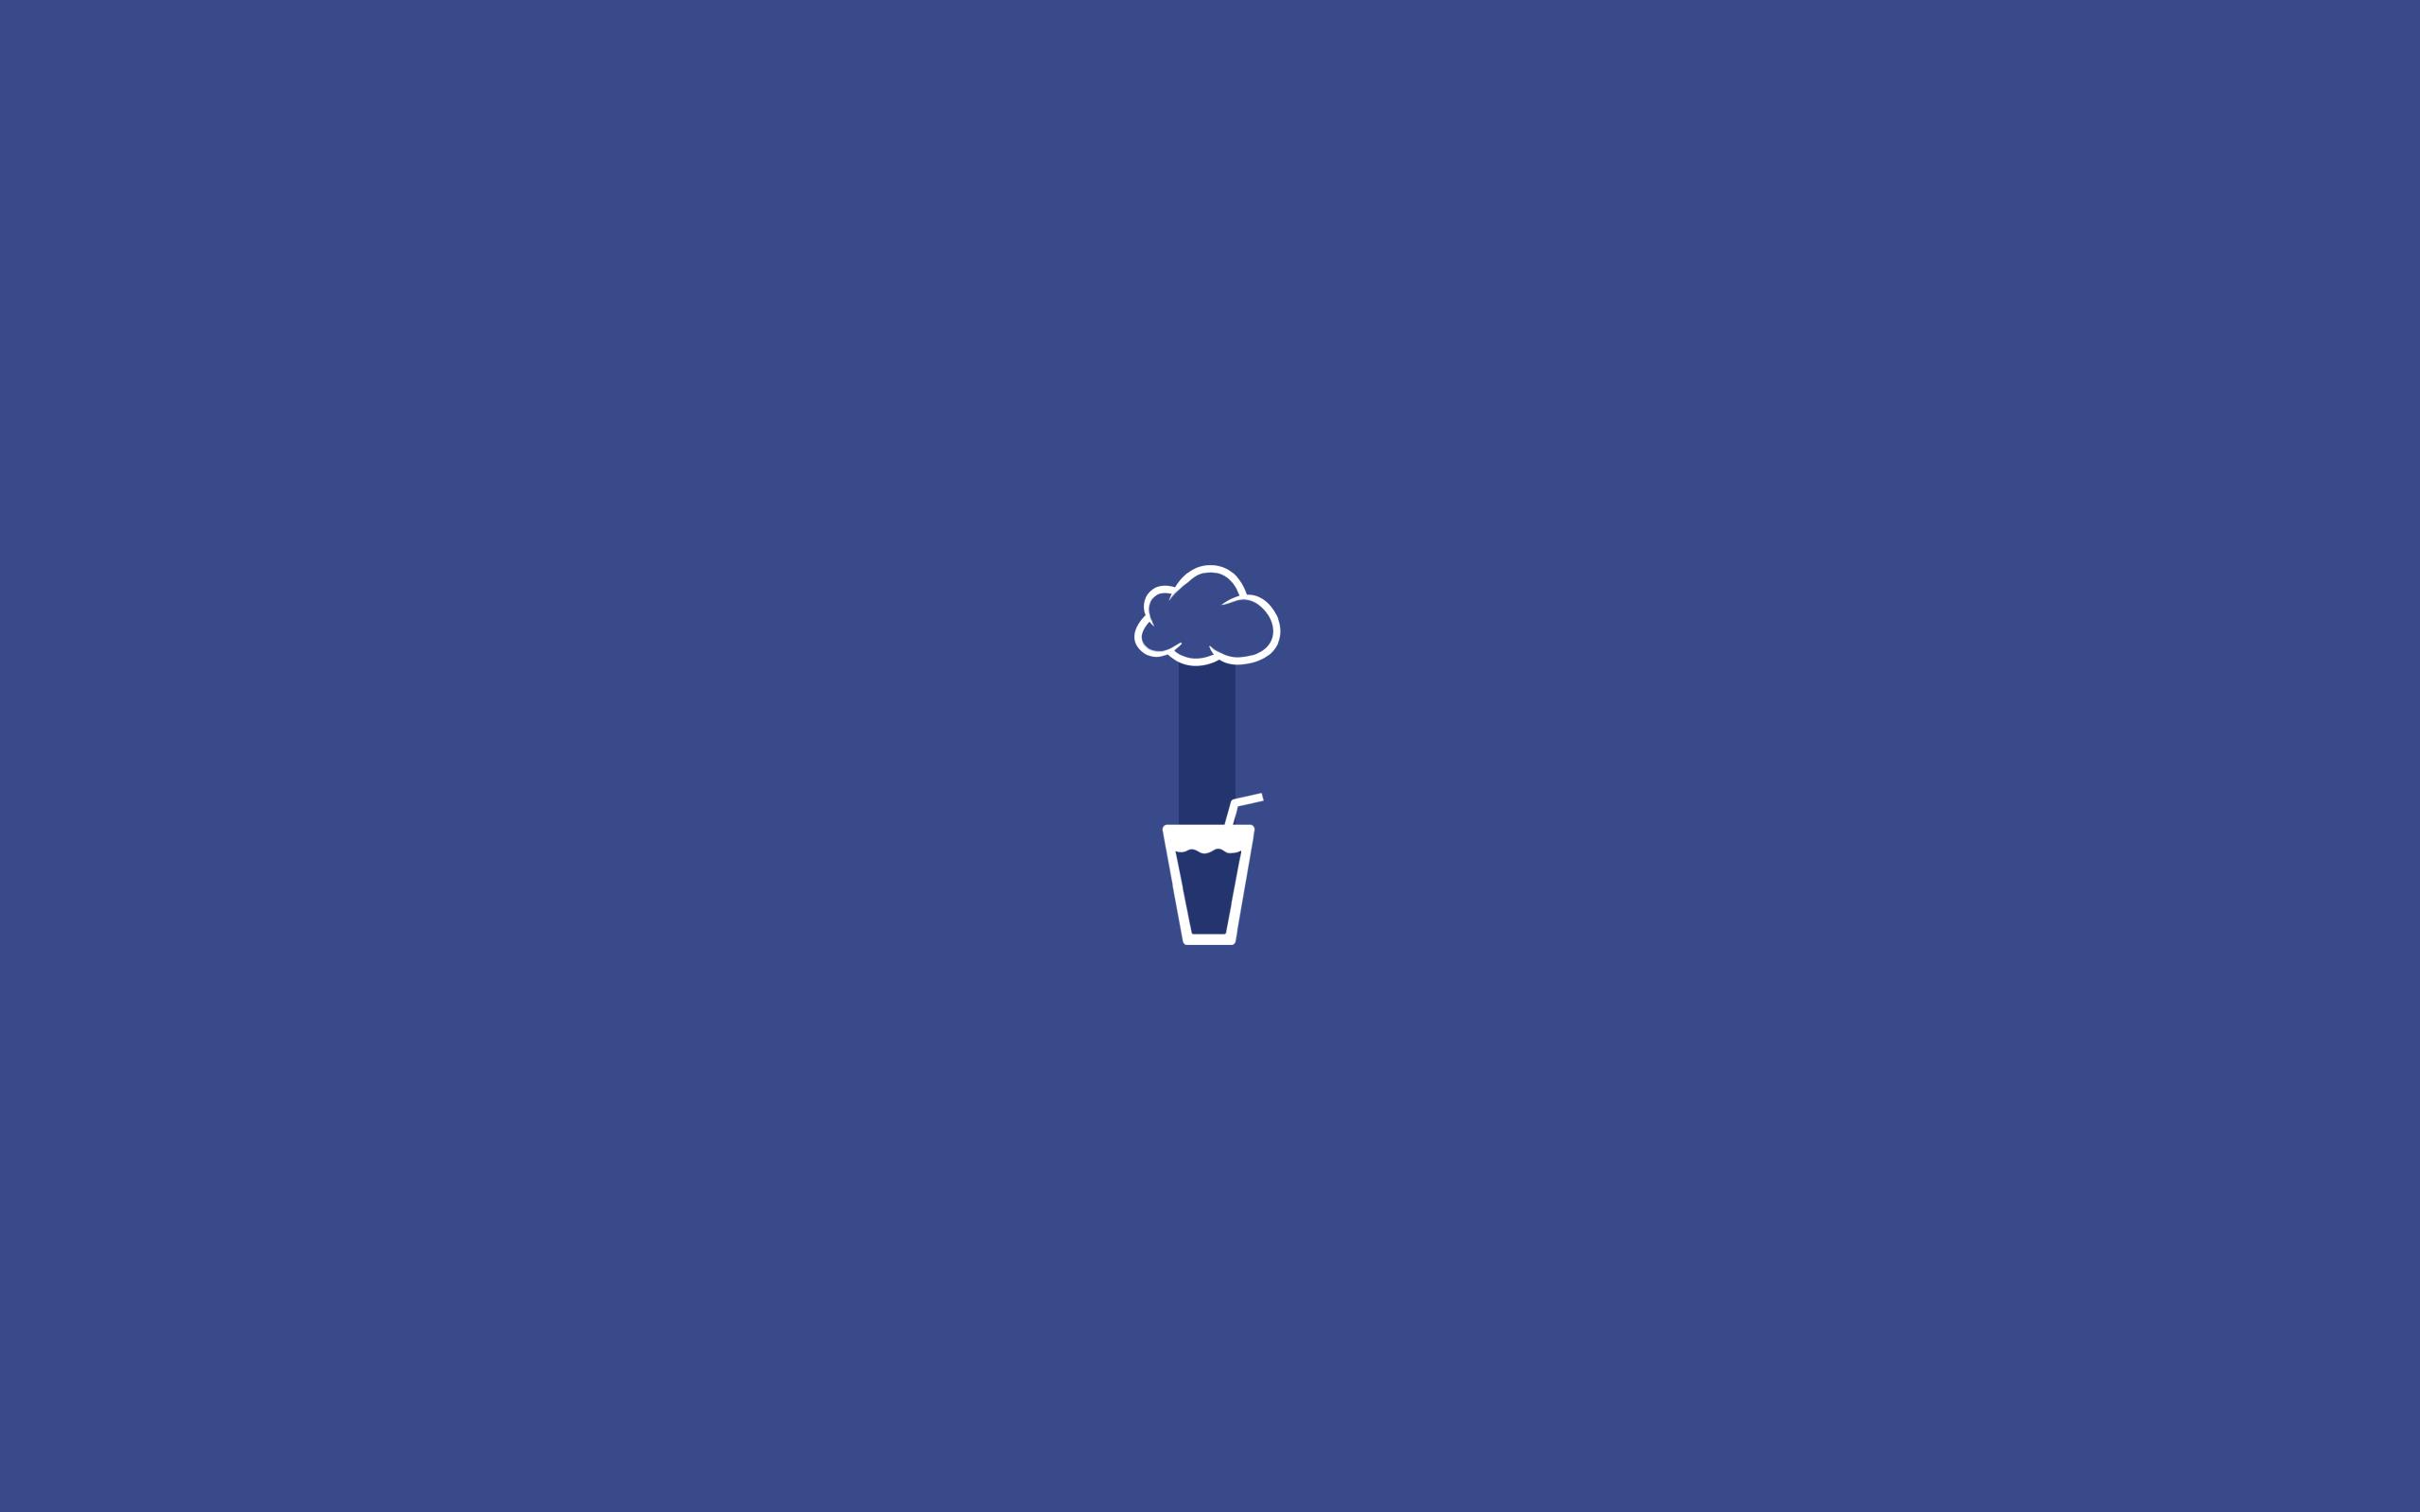 Glass Rain Minimalist Wallpaper Blue